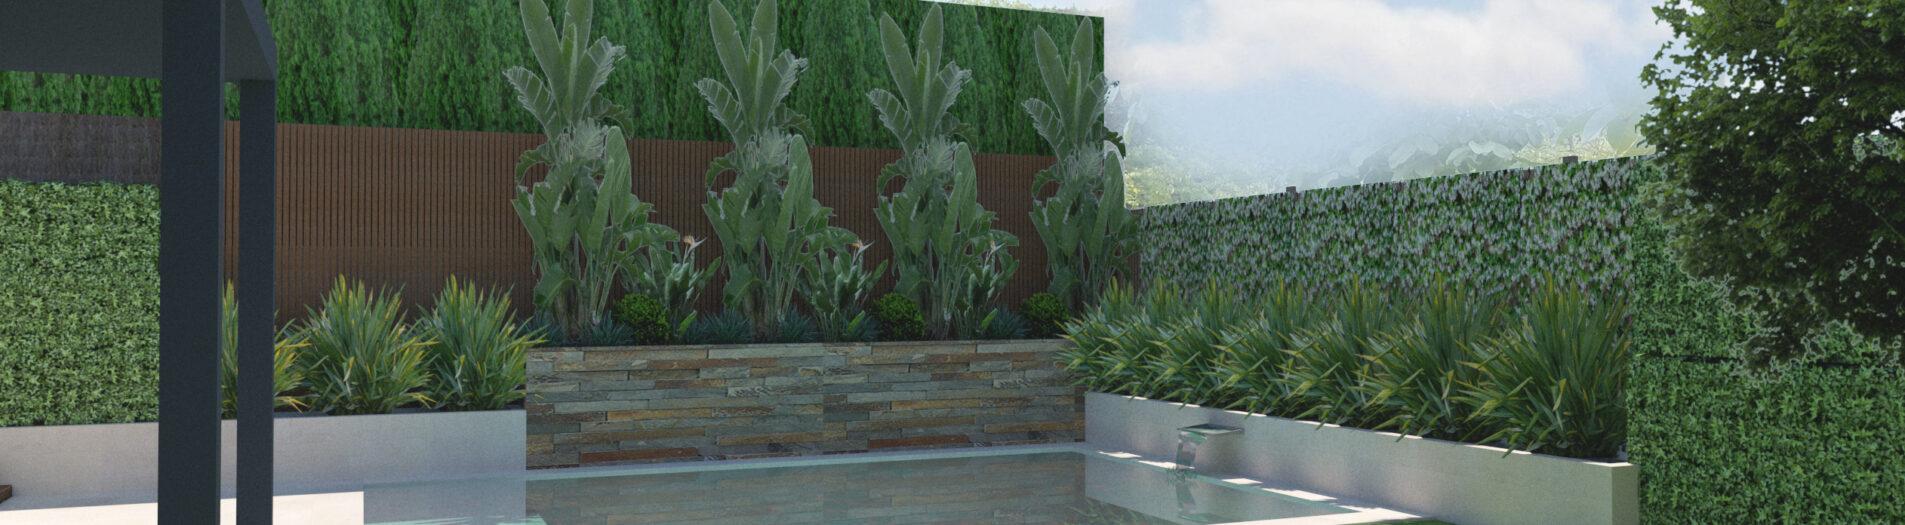 Diseño de Jardín y Piscina en Sta Agnes II